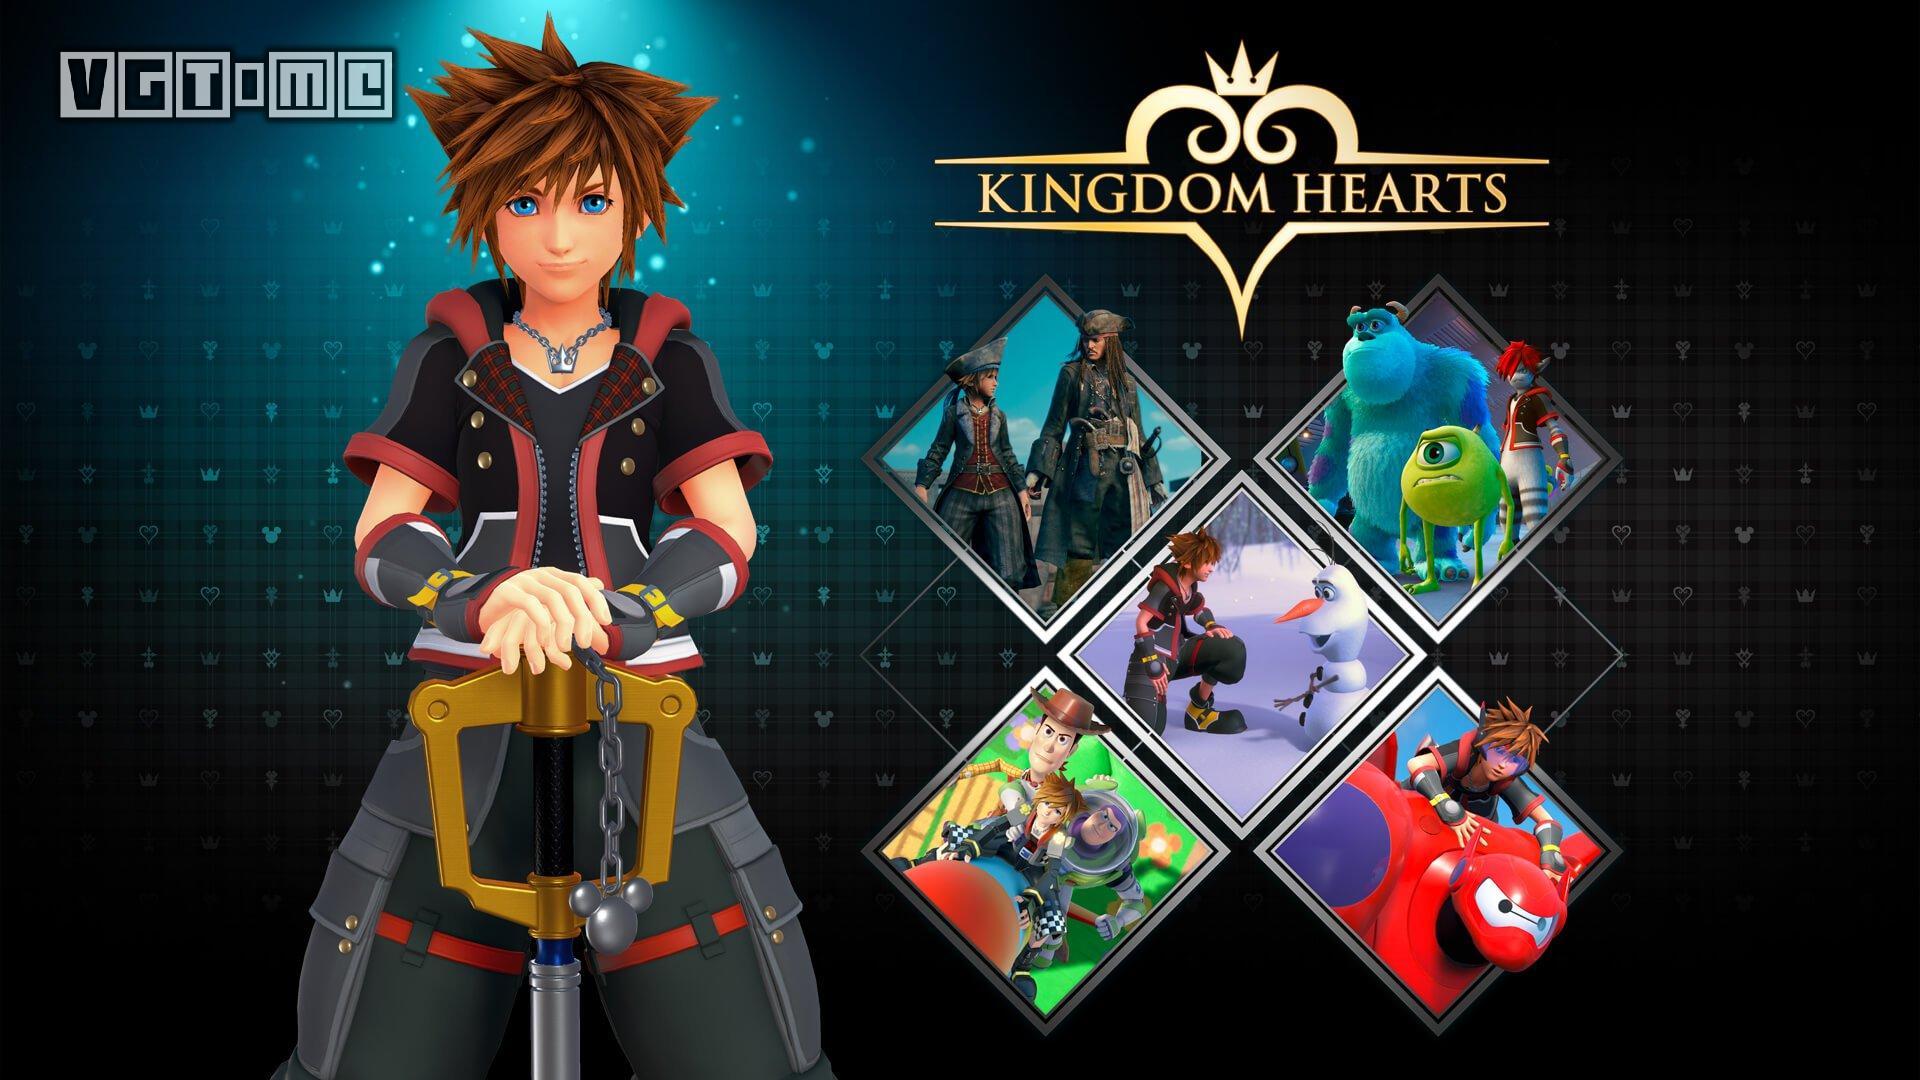 野村哲也:《王国之心3》将不推出后续DLC,系列新作将公布